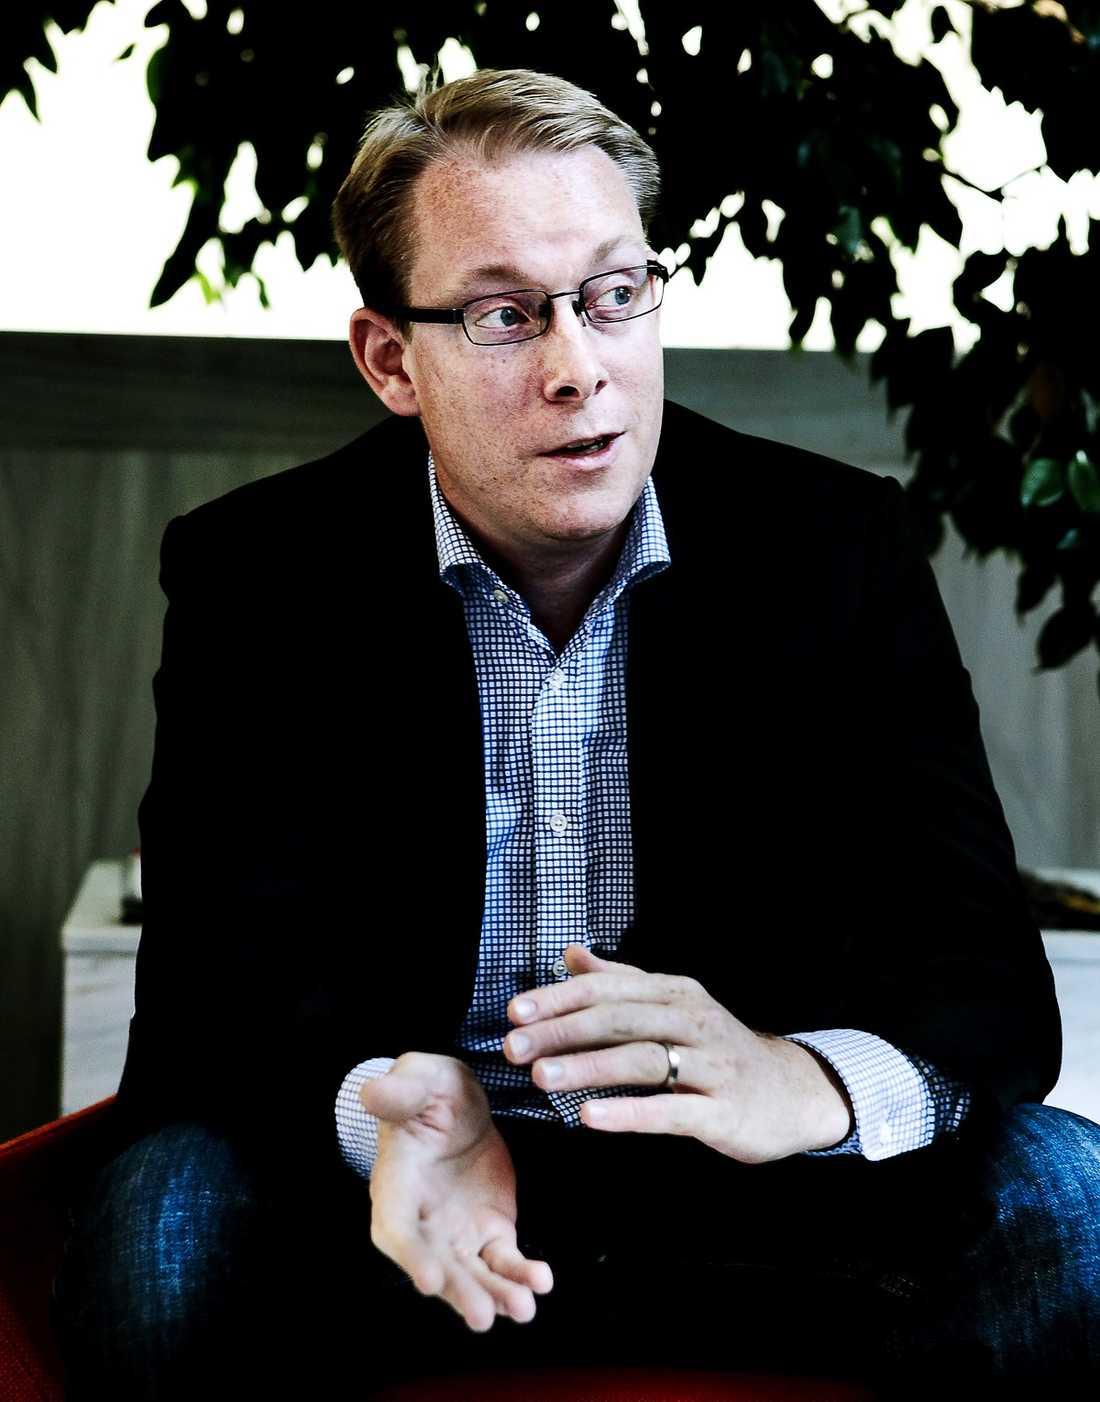 SKRIVEN I MALMÖ  Migrationsminister Tobias Billström är skriven i Malmö, men hans familj är skriven i Stockholm. Han kan på så sätt kvittera ut 80 000 kronor om året för dubbel bosättning.